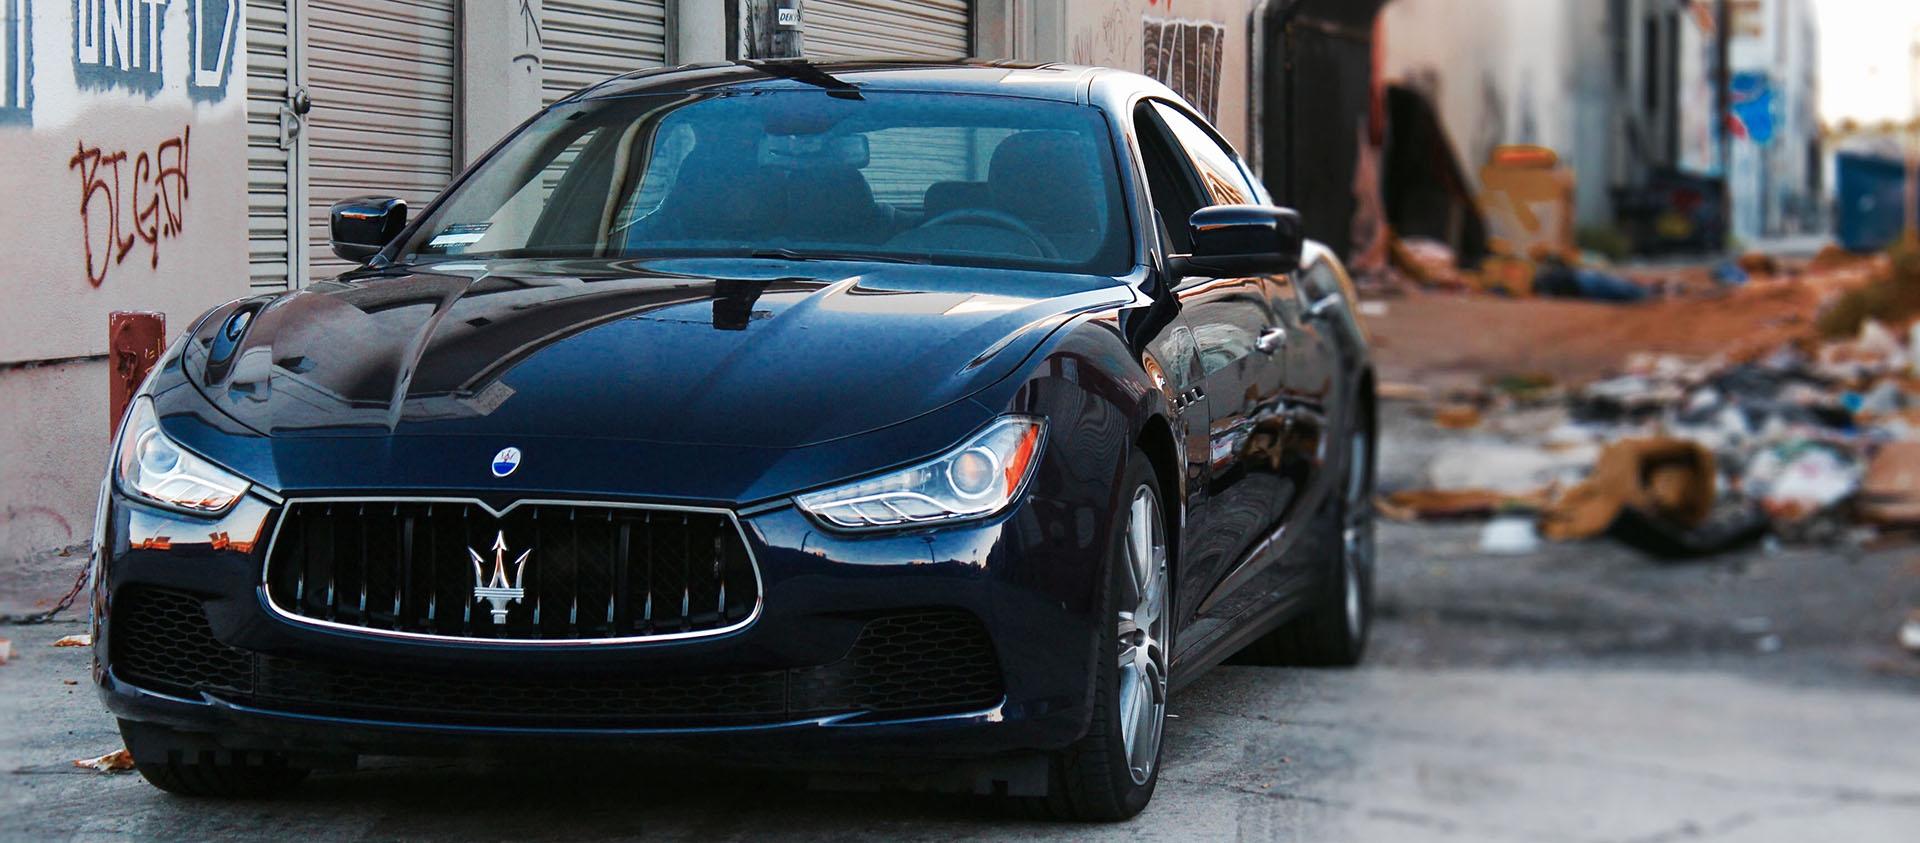 Maserati Gebrauchtwagen bestellen